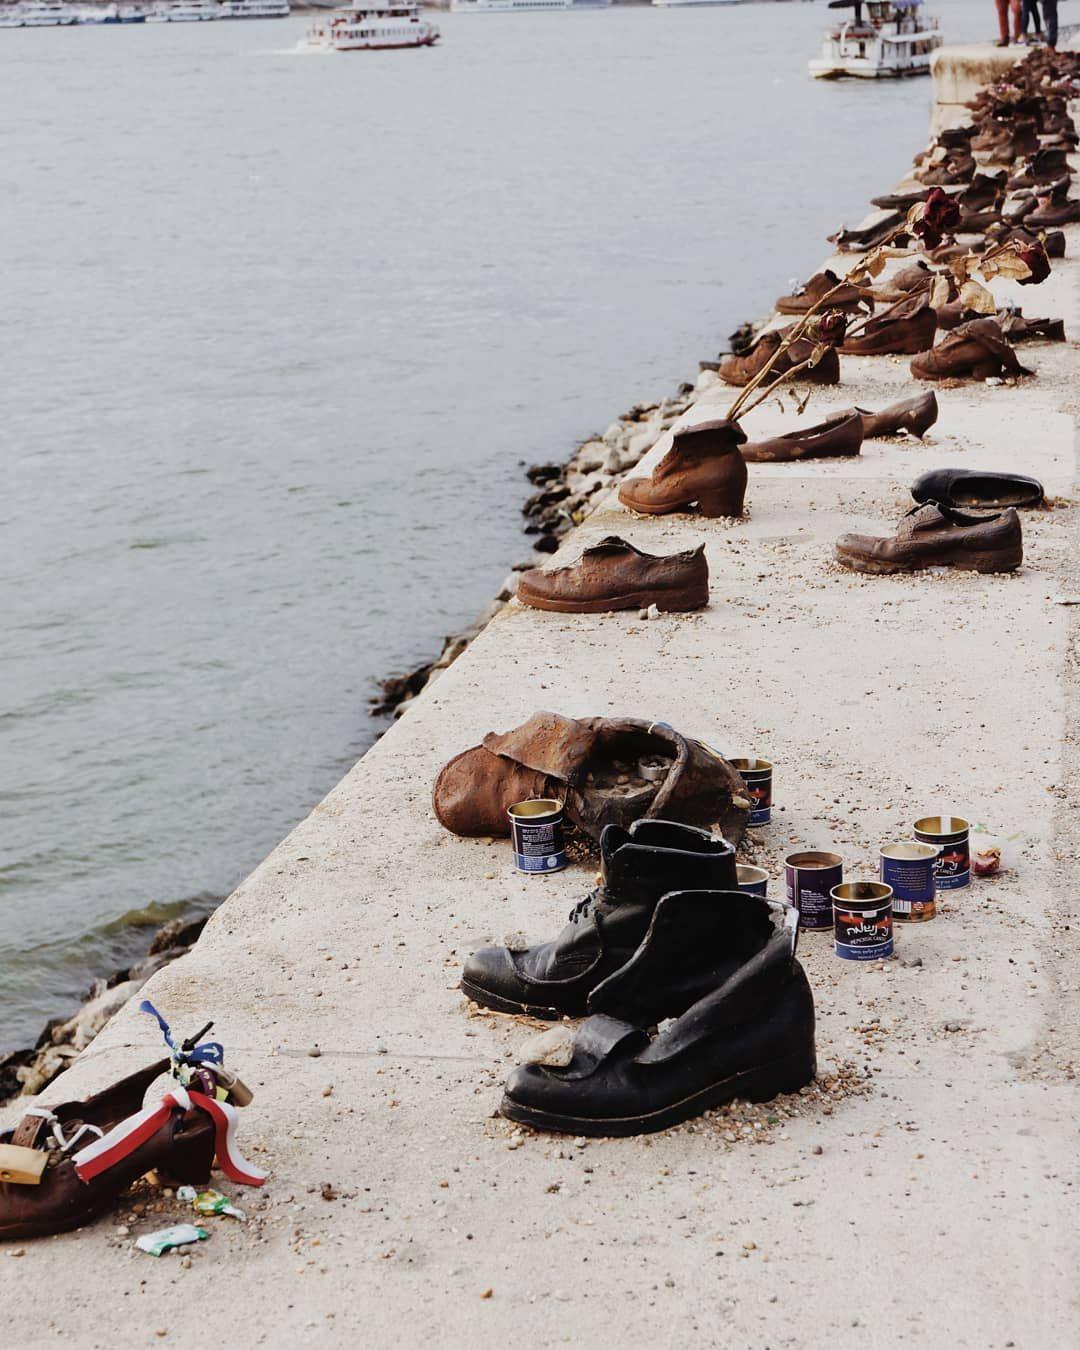 Niepokojacy Ale Jakze Wymowny Pomnik Buty Na Brzegu Dunaju Ania Budapest Hungary Monument Beautiful View River Danube Budapest